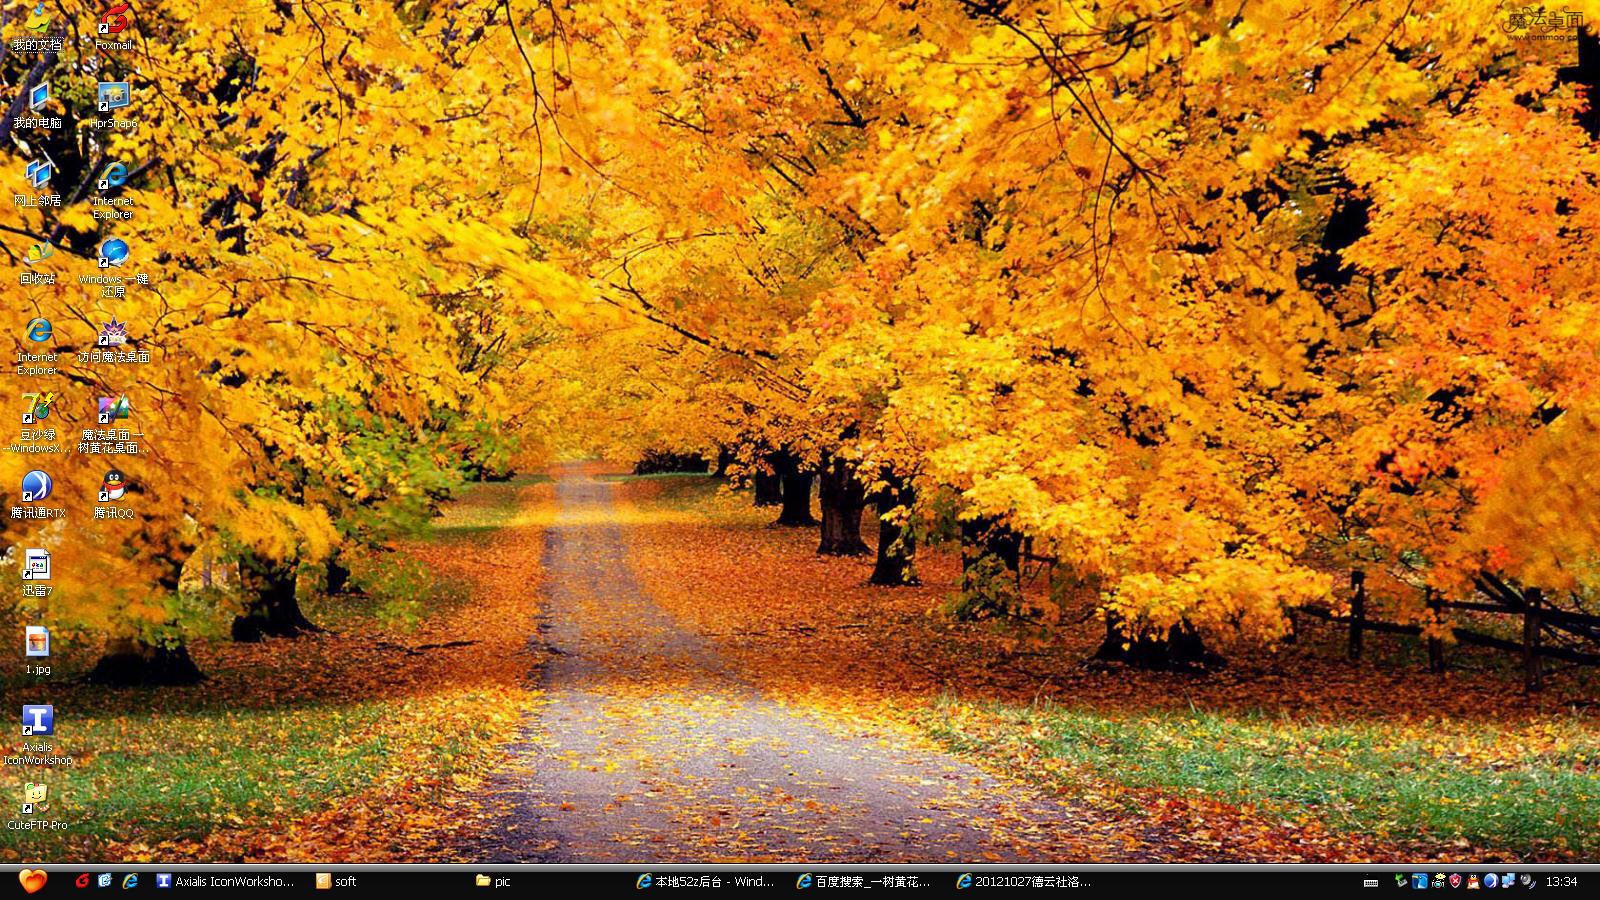 """魔法桌面一树黄花电脑桌面主题,使用湖北省随州市洛阳镇的银杏风景做为壁纸。银杏生长较慢,寿命极长,从栽种到结果要二十多年,四十年后才能大量结果,因此又名""""公孙树"""",有""""公种而孙得食""""的含义。寿命可达千余岁,存世3500余年大树仍枝叶繁茂果实累累。是树中的老寿星。在山东日照浮来山的定林寺内有一棵大银杏树,相传是商代种植的,已有3500多年历史了 尊敬的用户,此软件捆有插件,是选项安装,如果你不想安装插件,安装该软件时请注意选择,安装时有的杀毒软件可能会报毒,请注"""